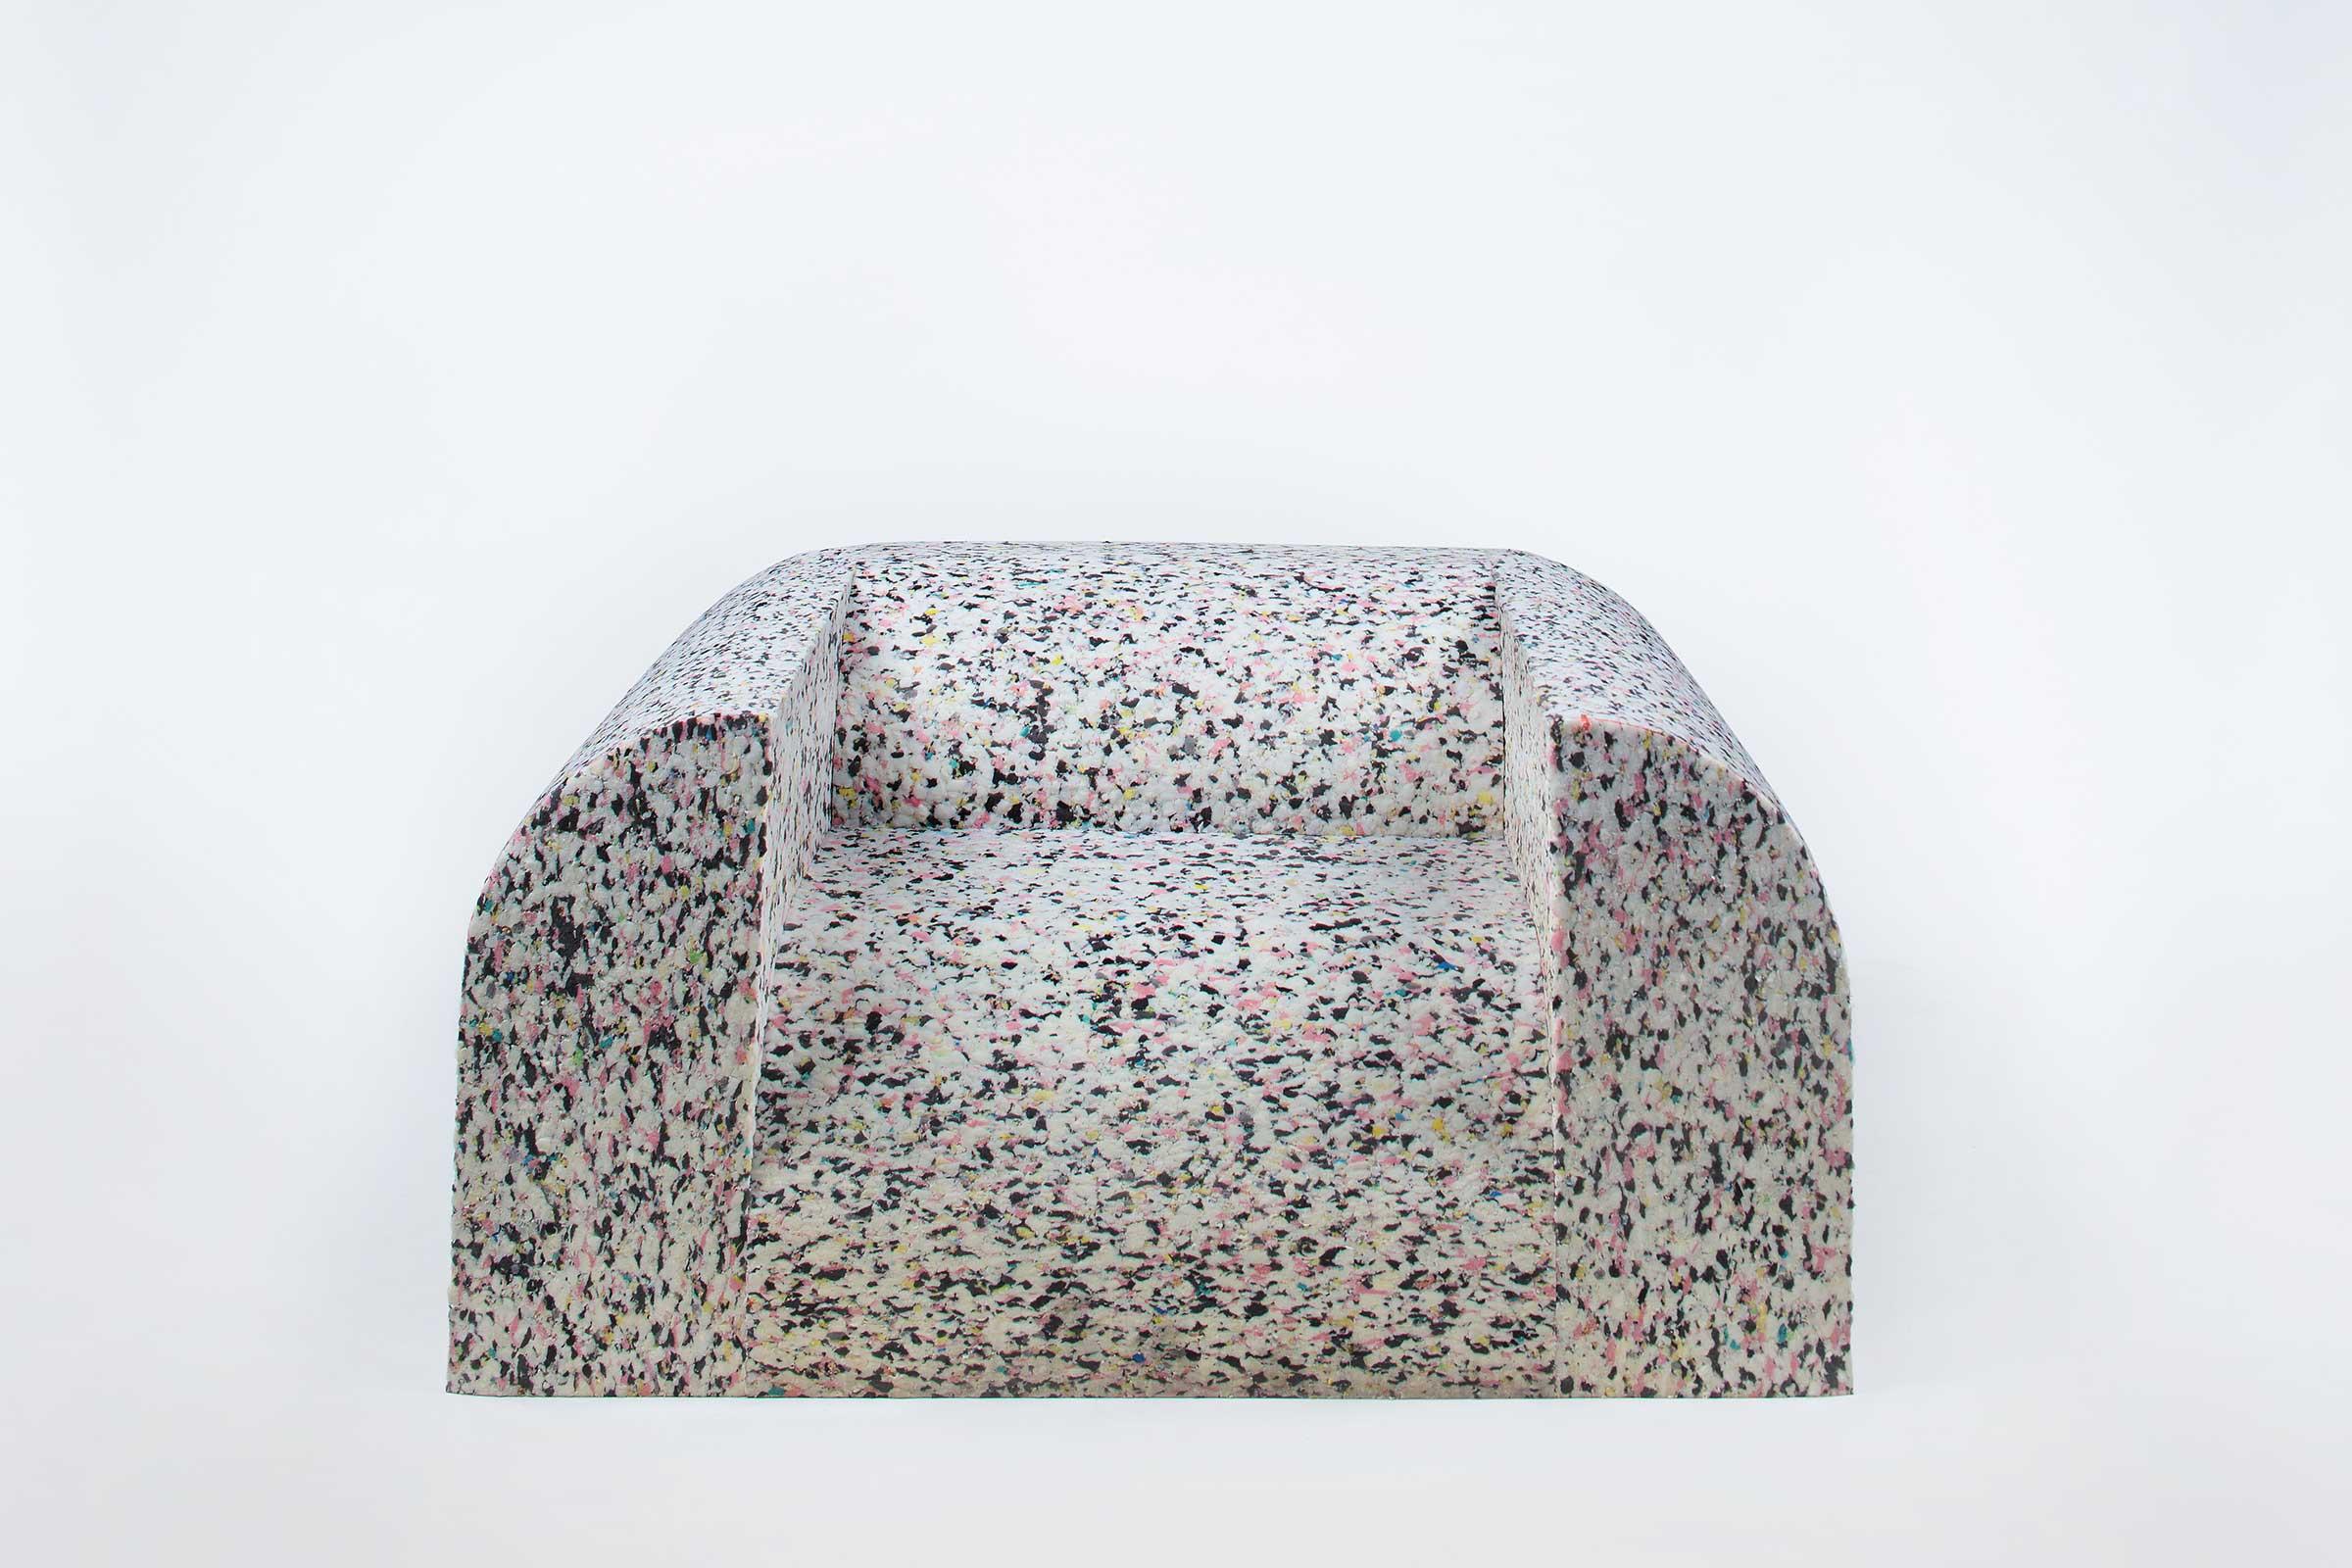 Rebond-Sofa.jpg